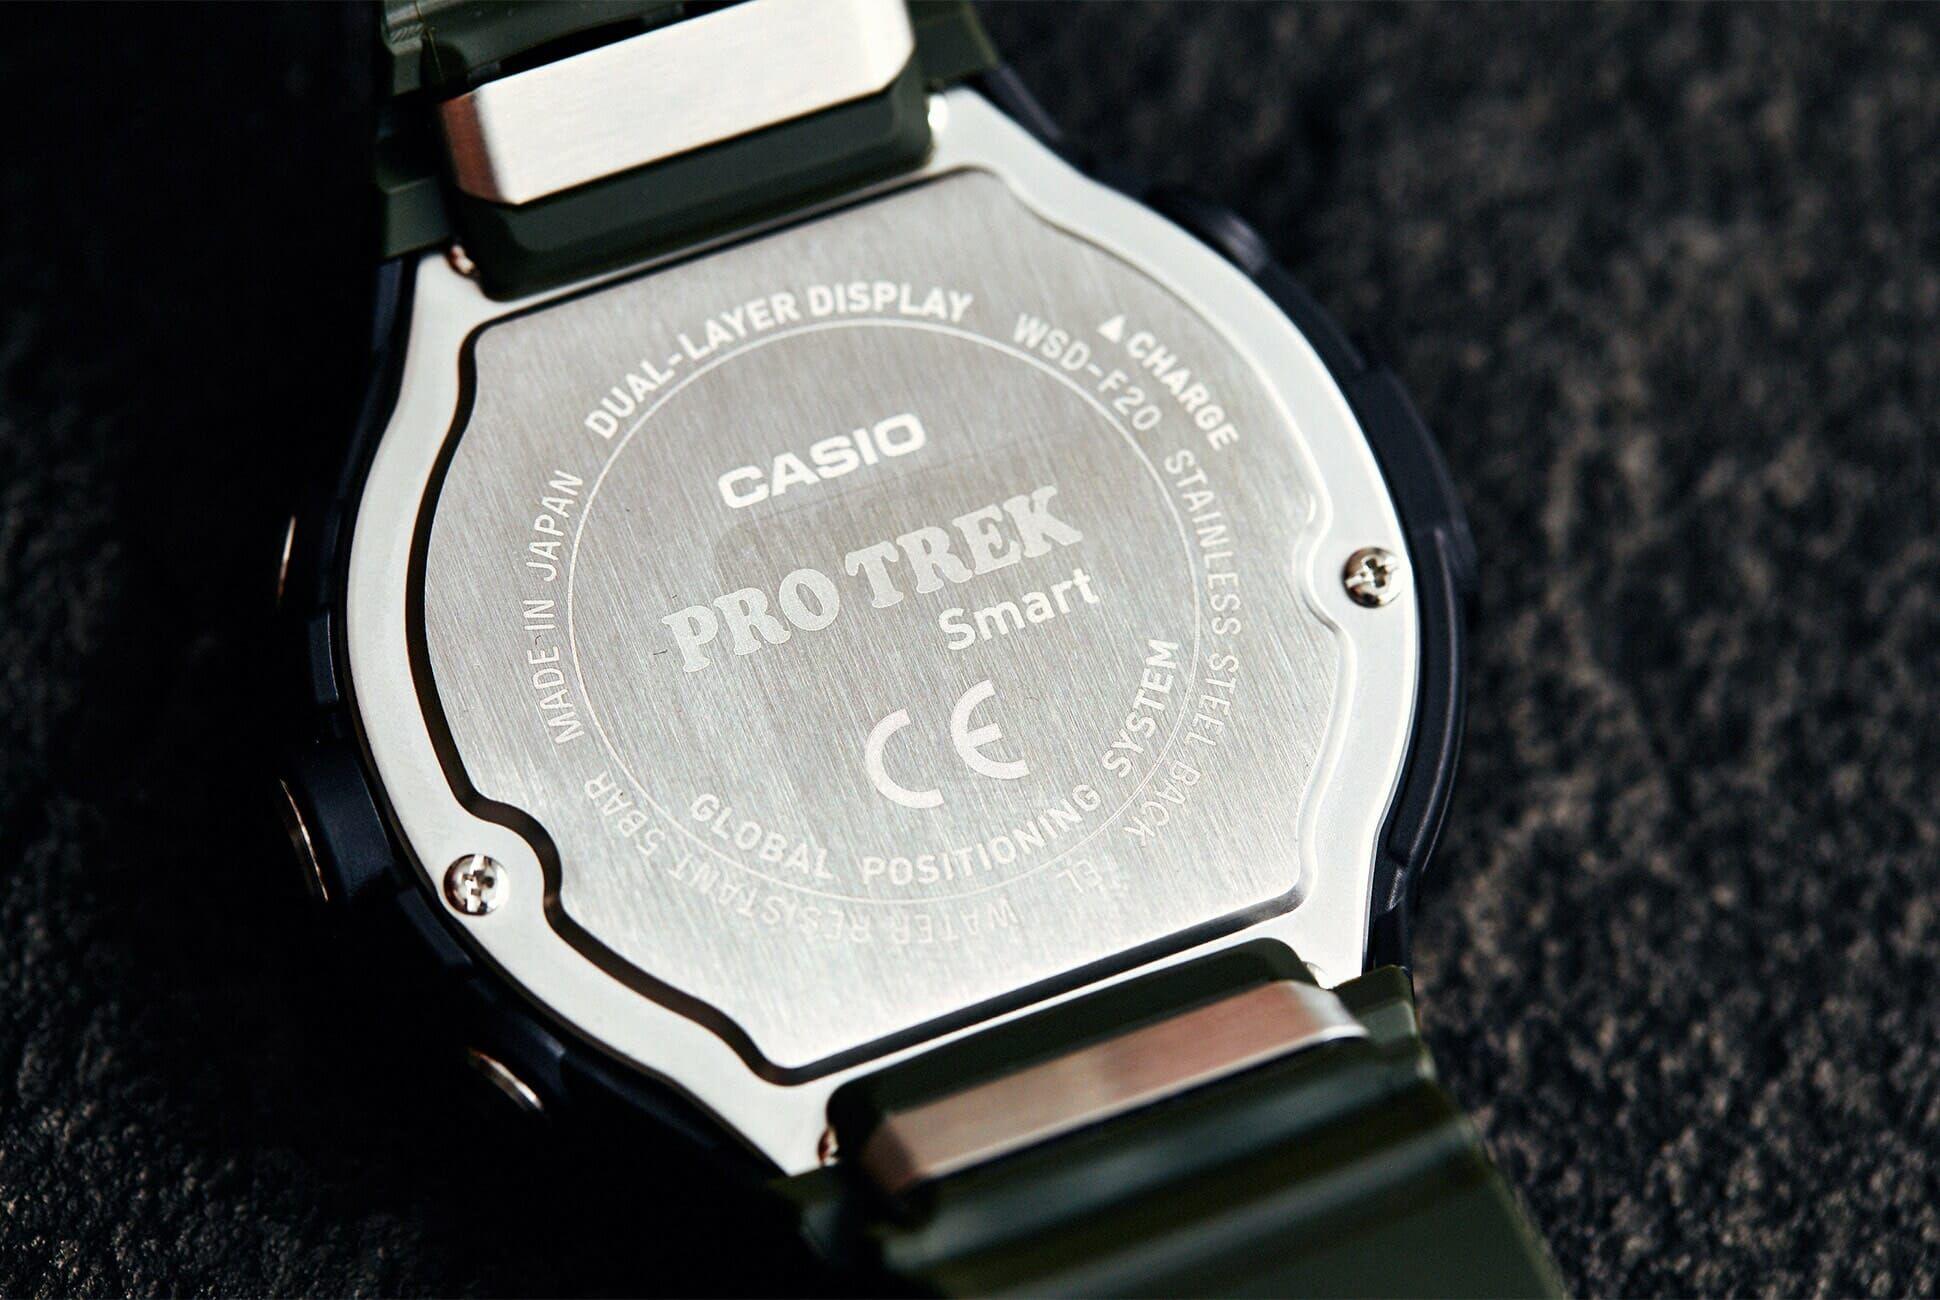 Casio-Pro-Trek-Sponsored-Gear-Patrol-Slide-3